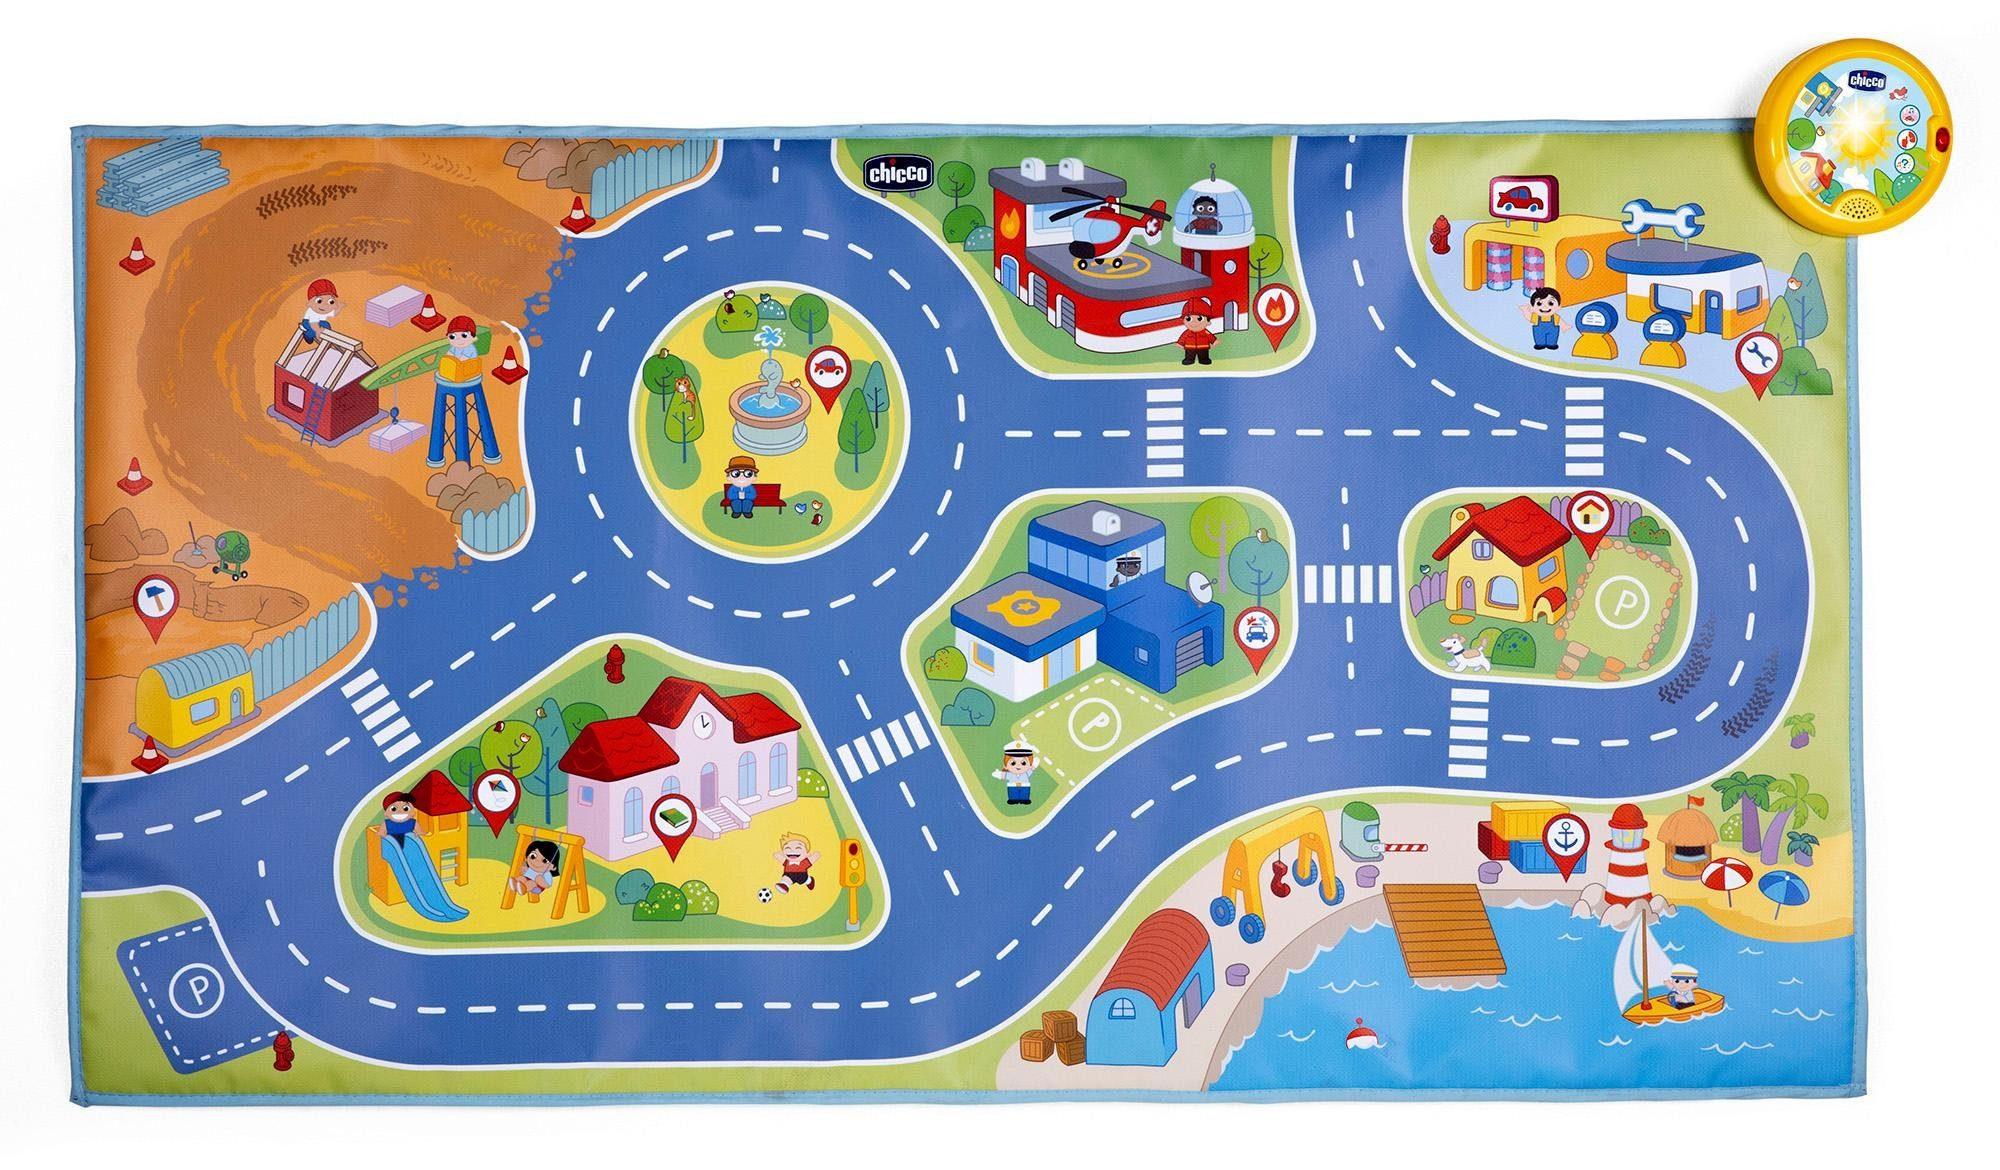 Chicco Spielmatte, Interaktive Spielmatte City bunt Kinder Lernspiele Lernspielzeug